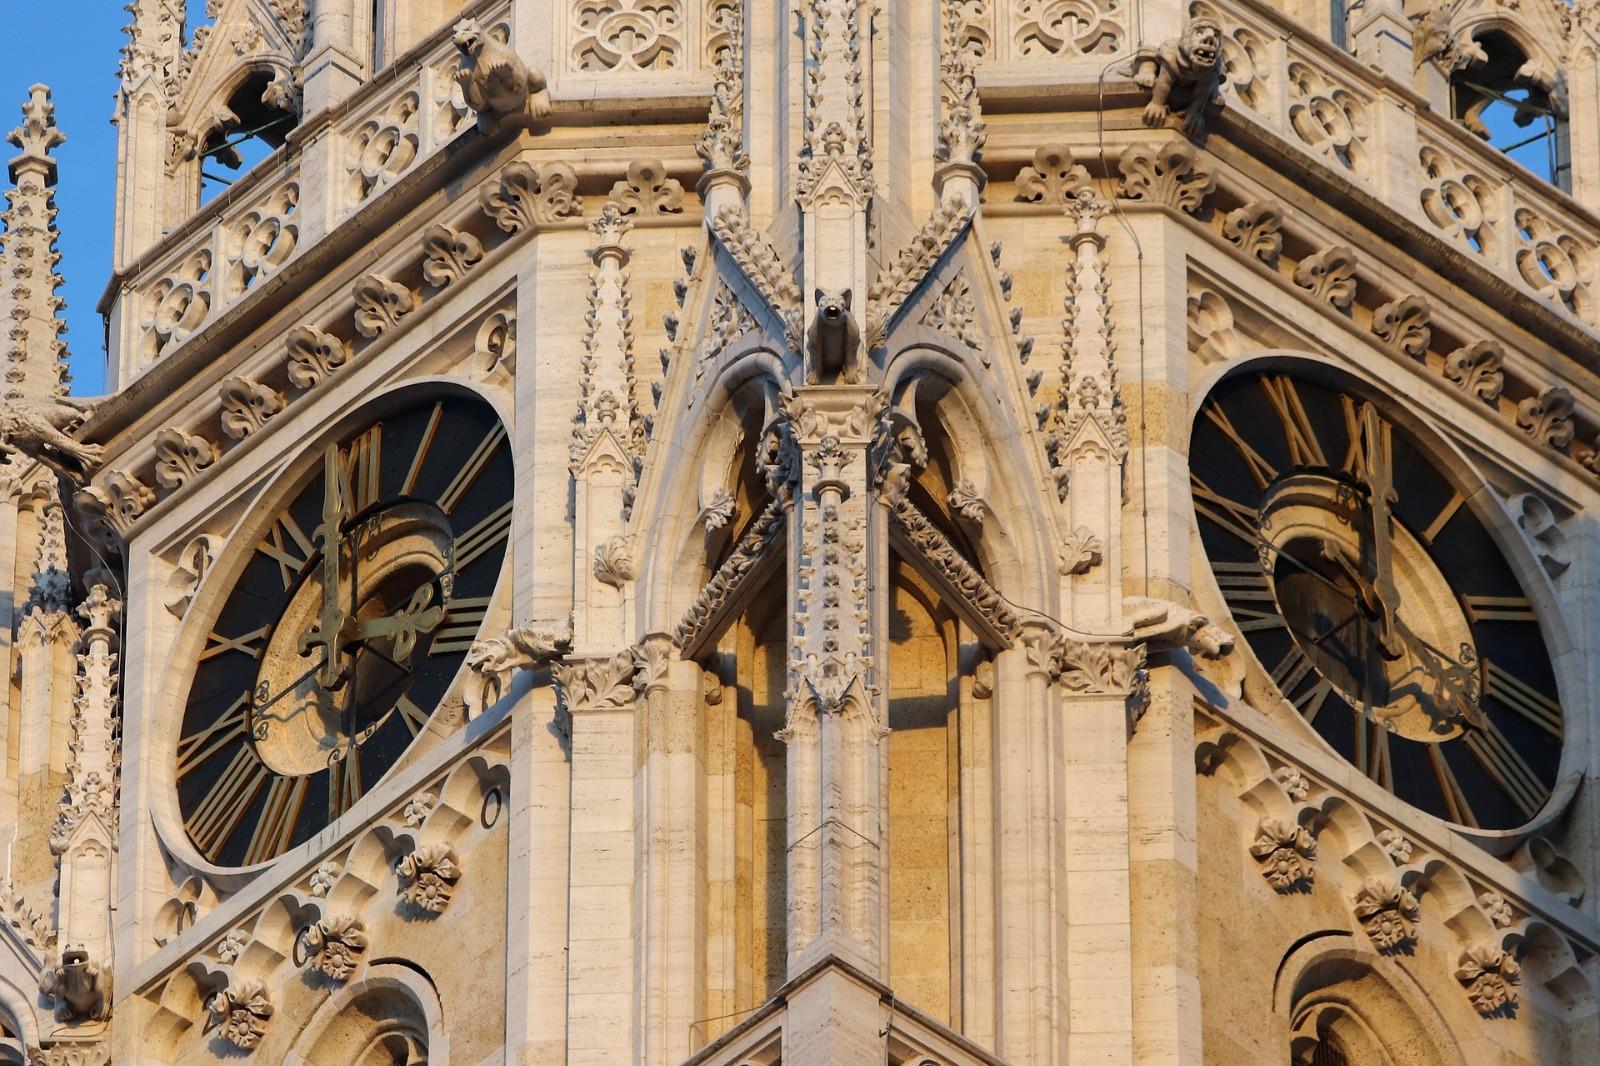 Zagreb cathedral clocks